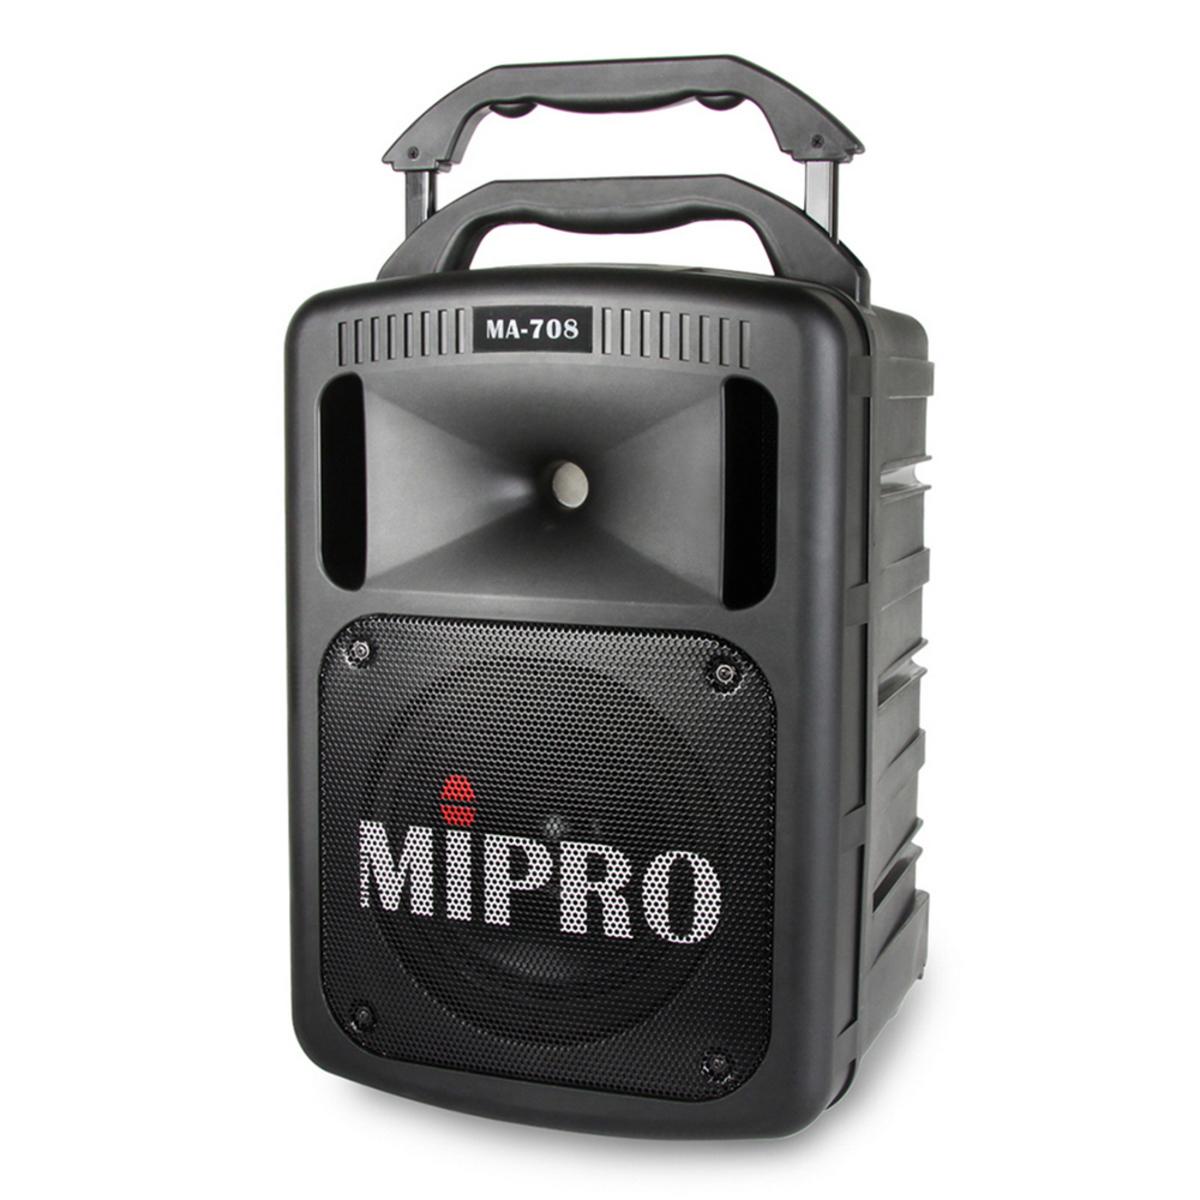 MIPRO 豪華型手提式無線擴音機 MA-708 全配超值組